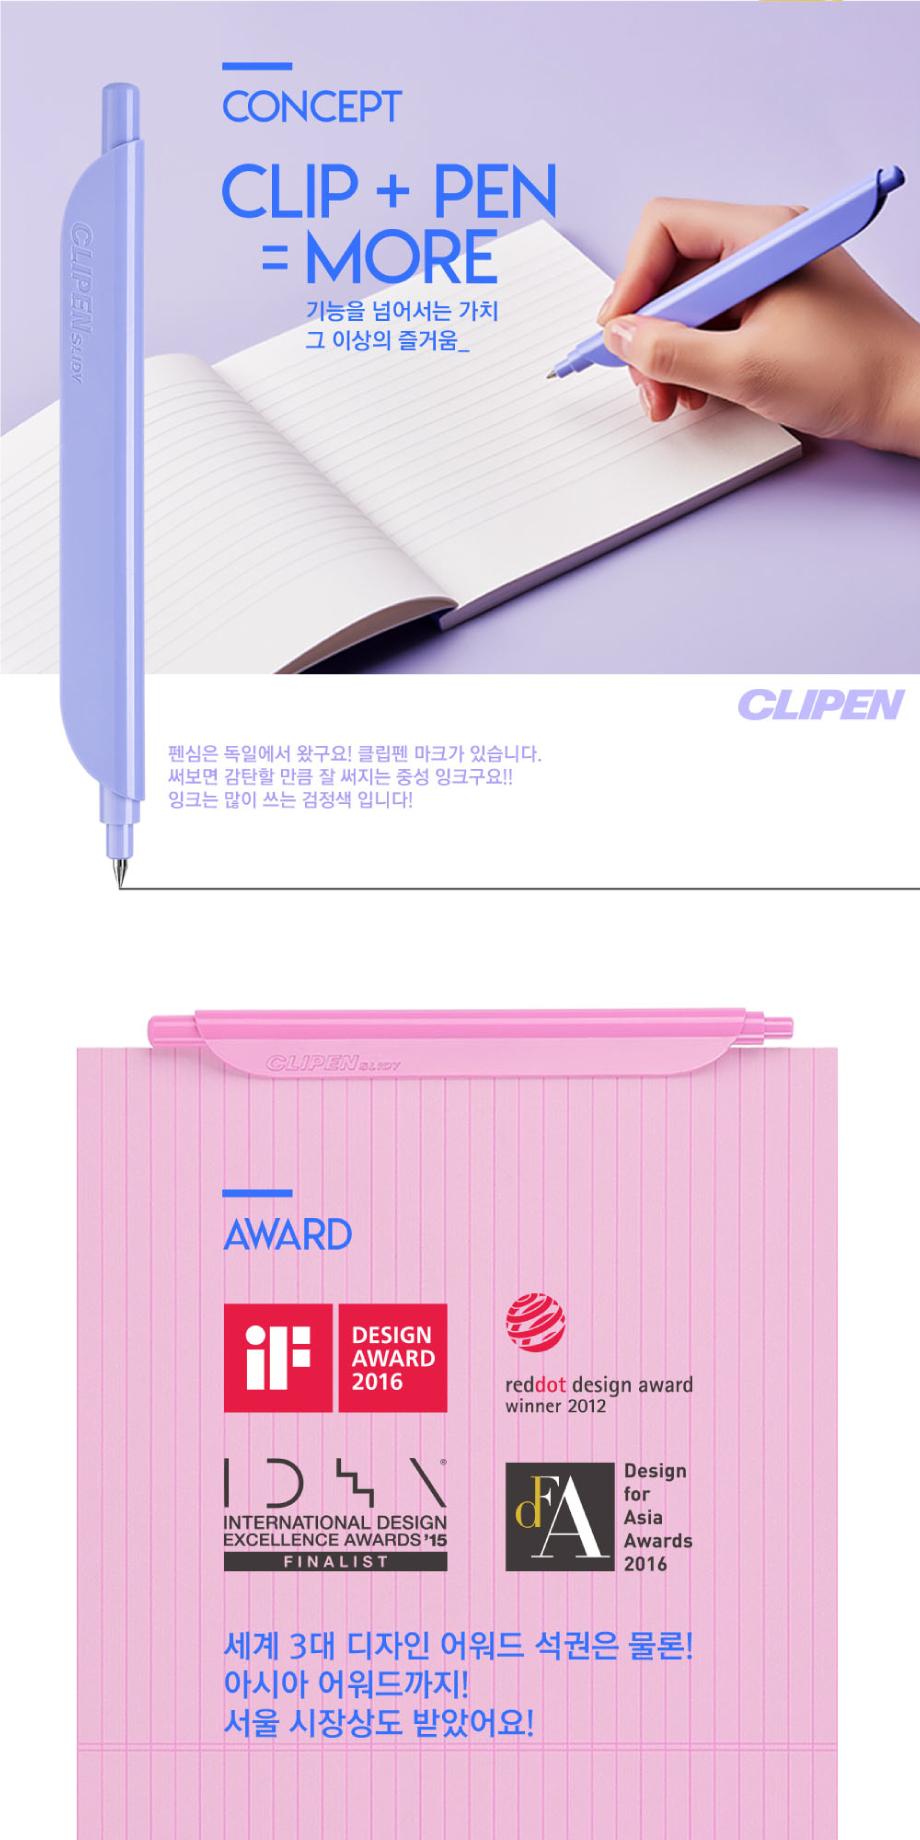 클립펜 - 클립펜, 1,900원, 수성/중성펜, 심플 펜